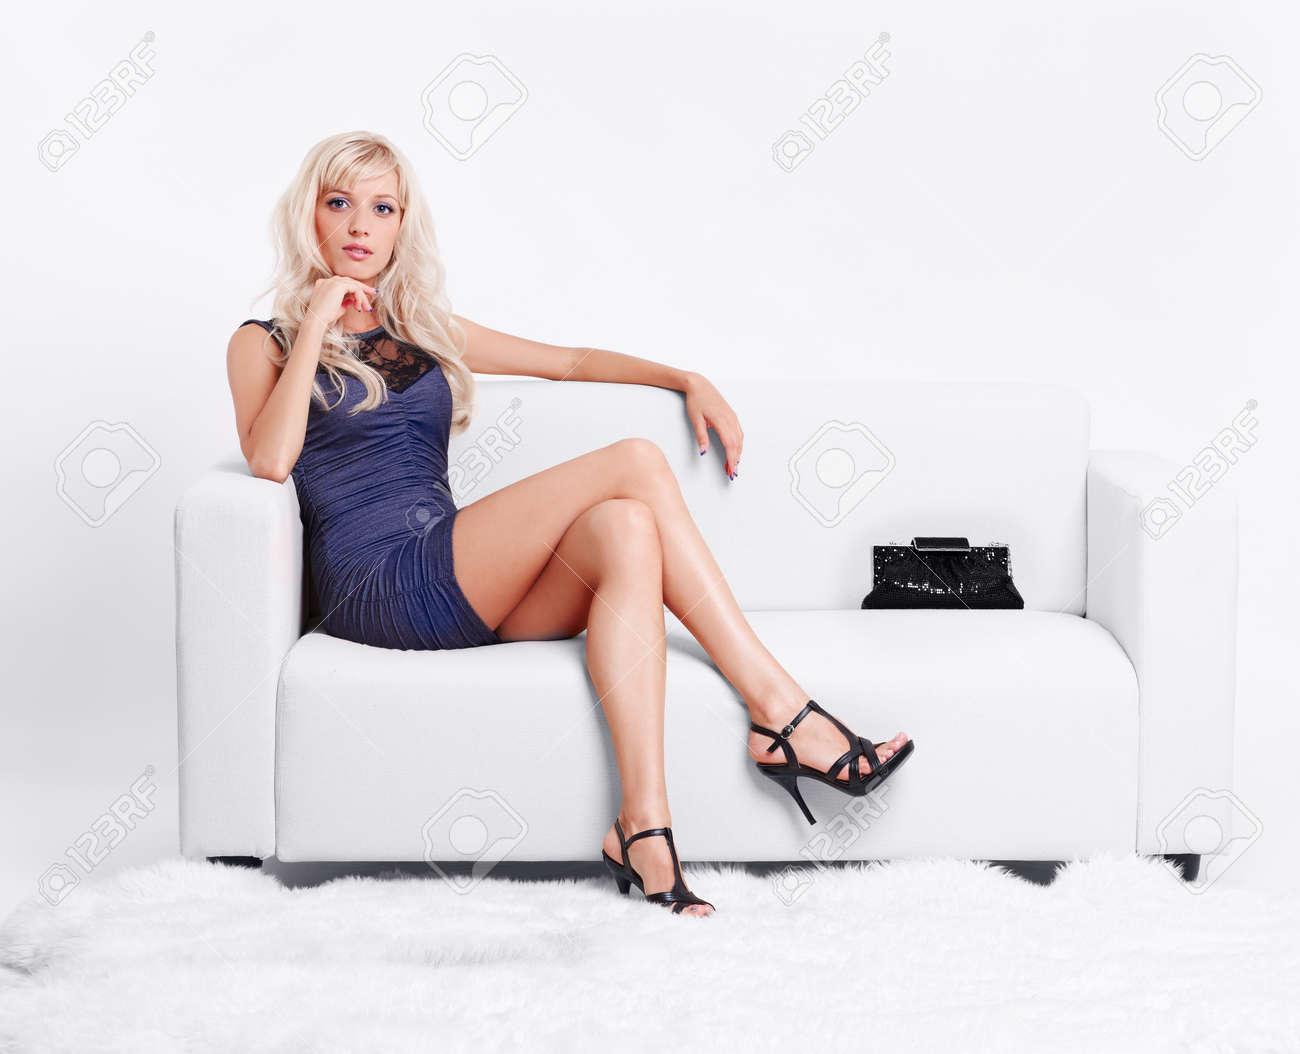 Фото блондинка на белом диване 15 фотография